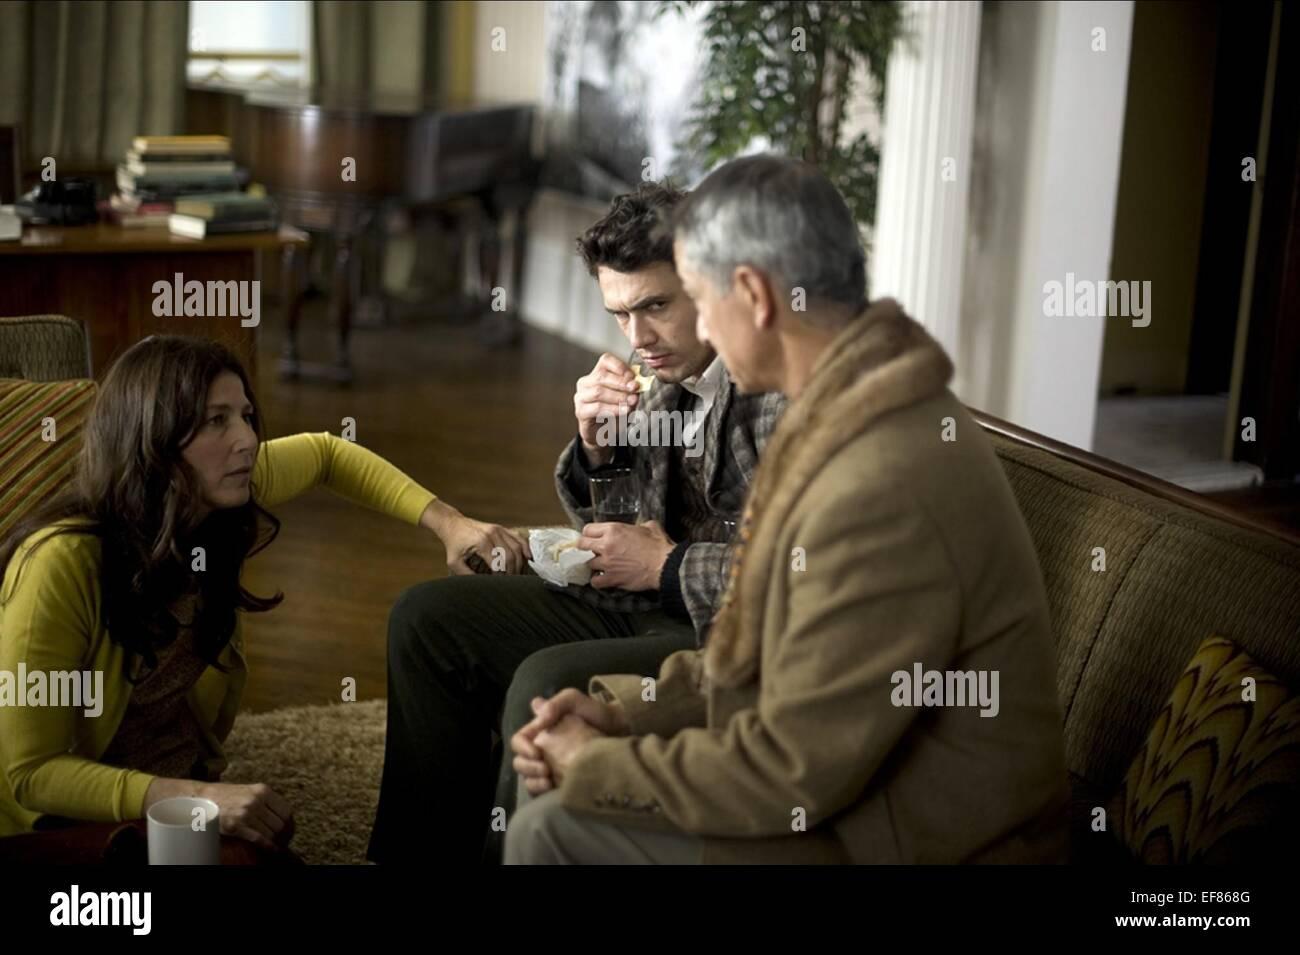 CATHERINE KEENER JAMES FRANCO & DAVID STRATHAIRN KRANKHEITEN (2012) Stockbild